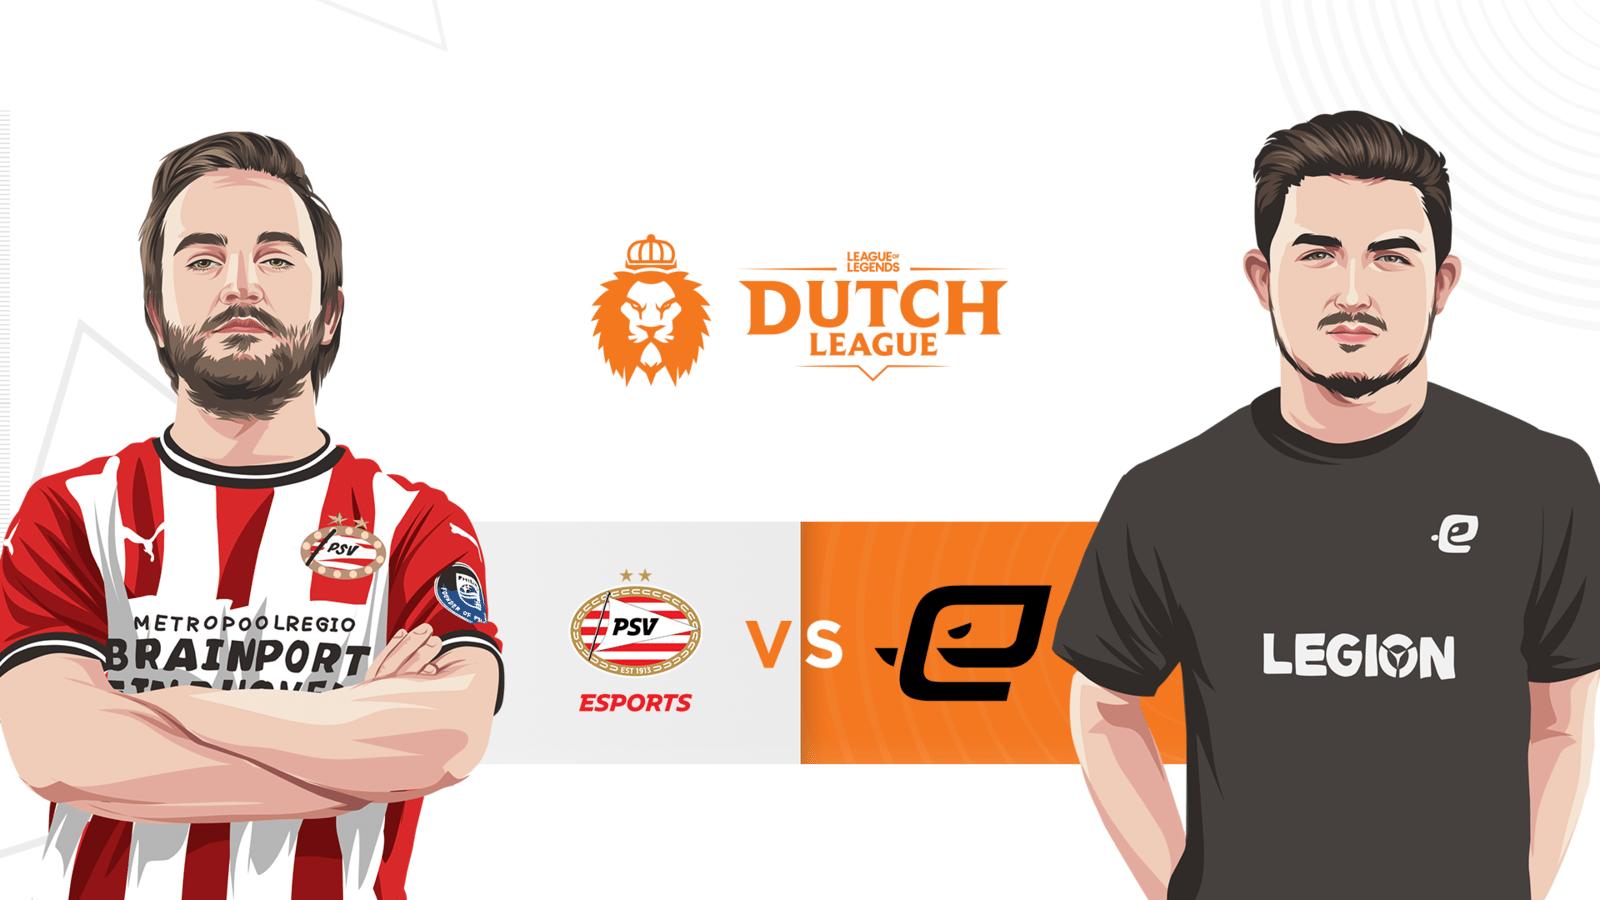 Het treffen tussen PSV Esports en Echo Zulu in de Dutch League is erg belangrijk voor de verdeling van de play-offplekken aan het einde van het seizoen.